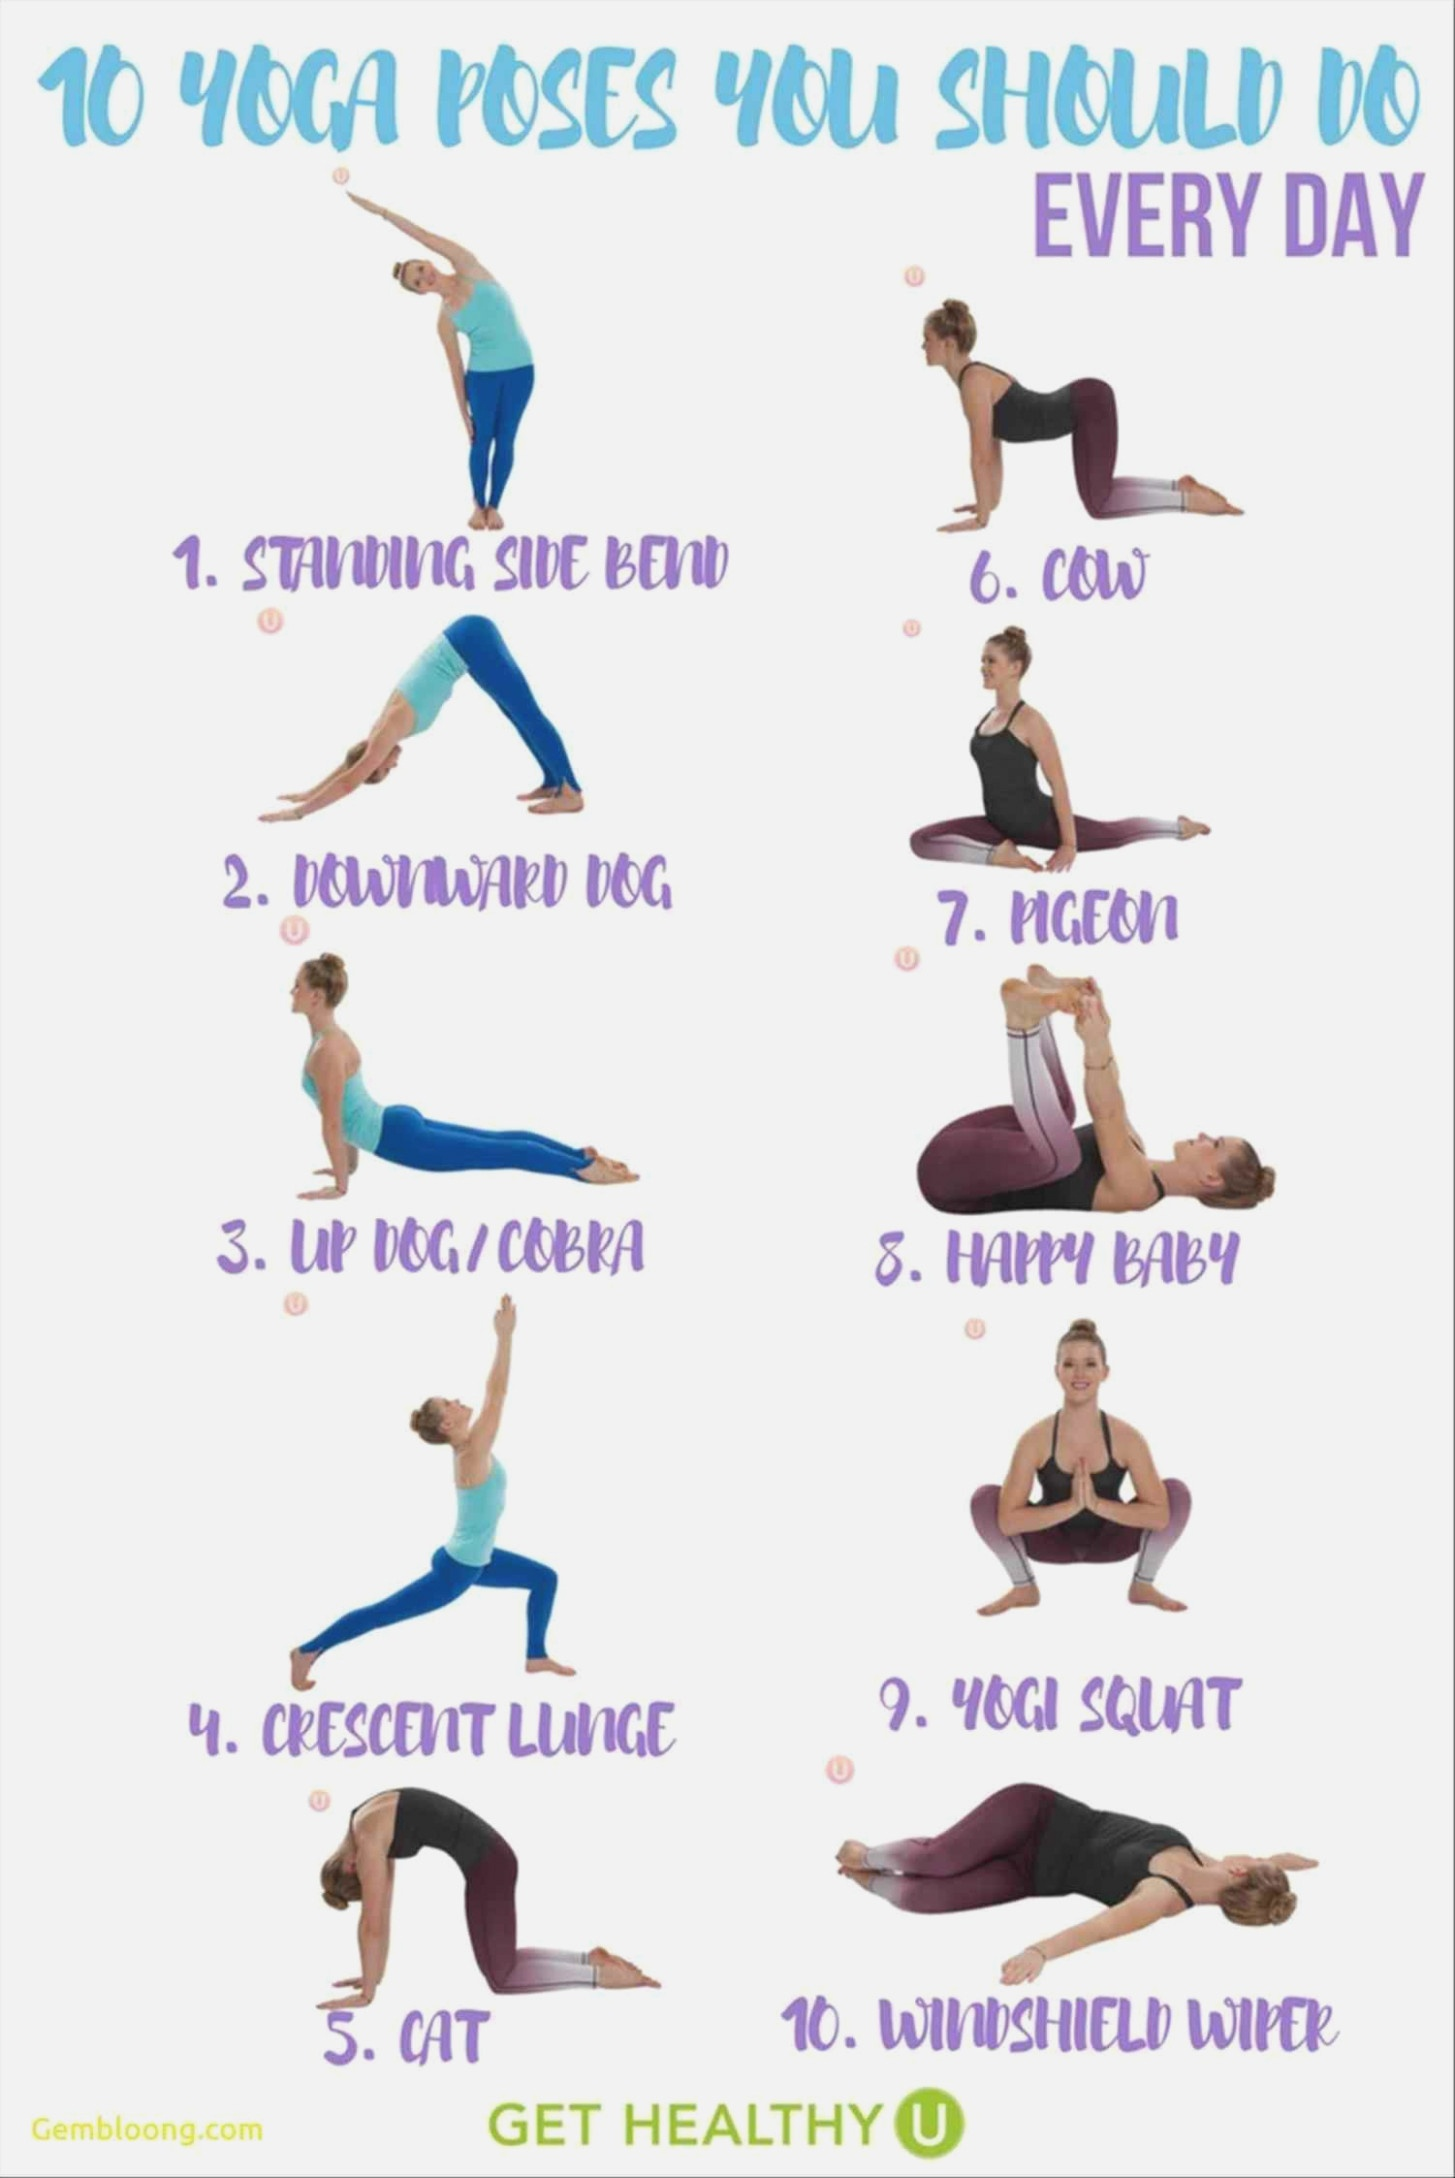 Basic Yoga Poses Printable Chart | Modern Life - Free Printable Yoga Poses